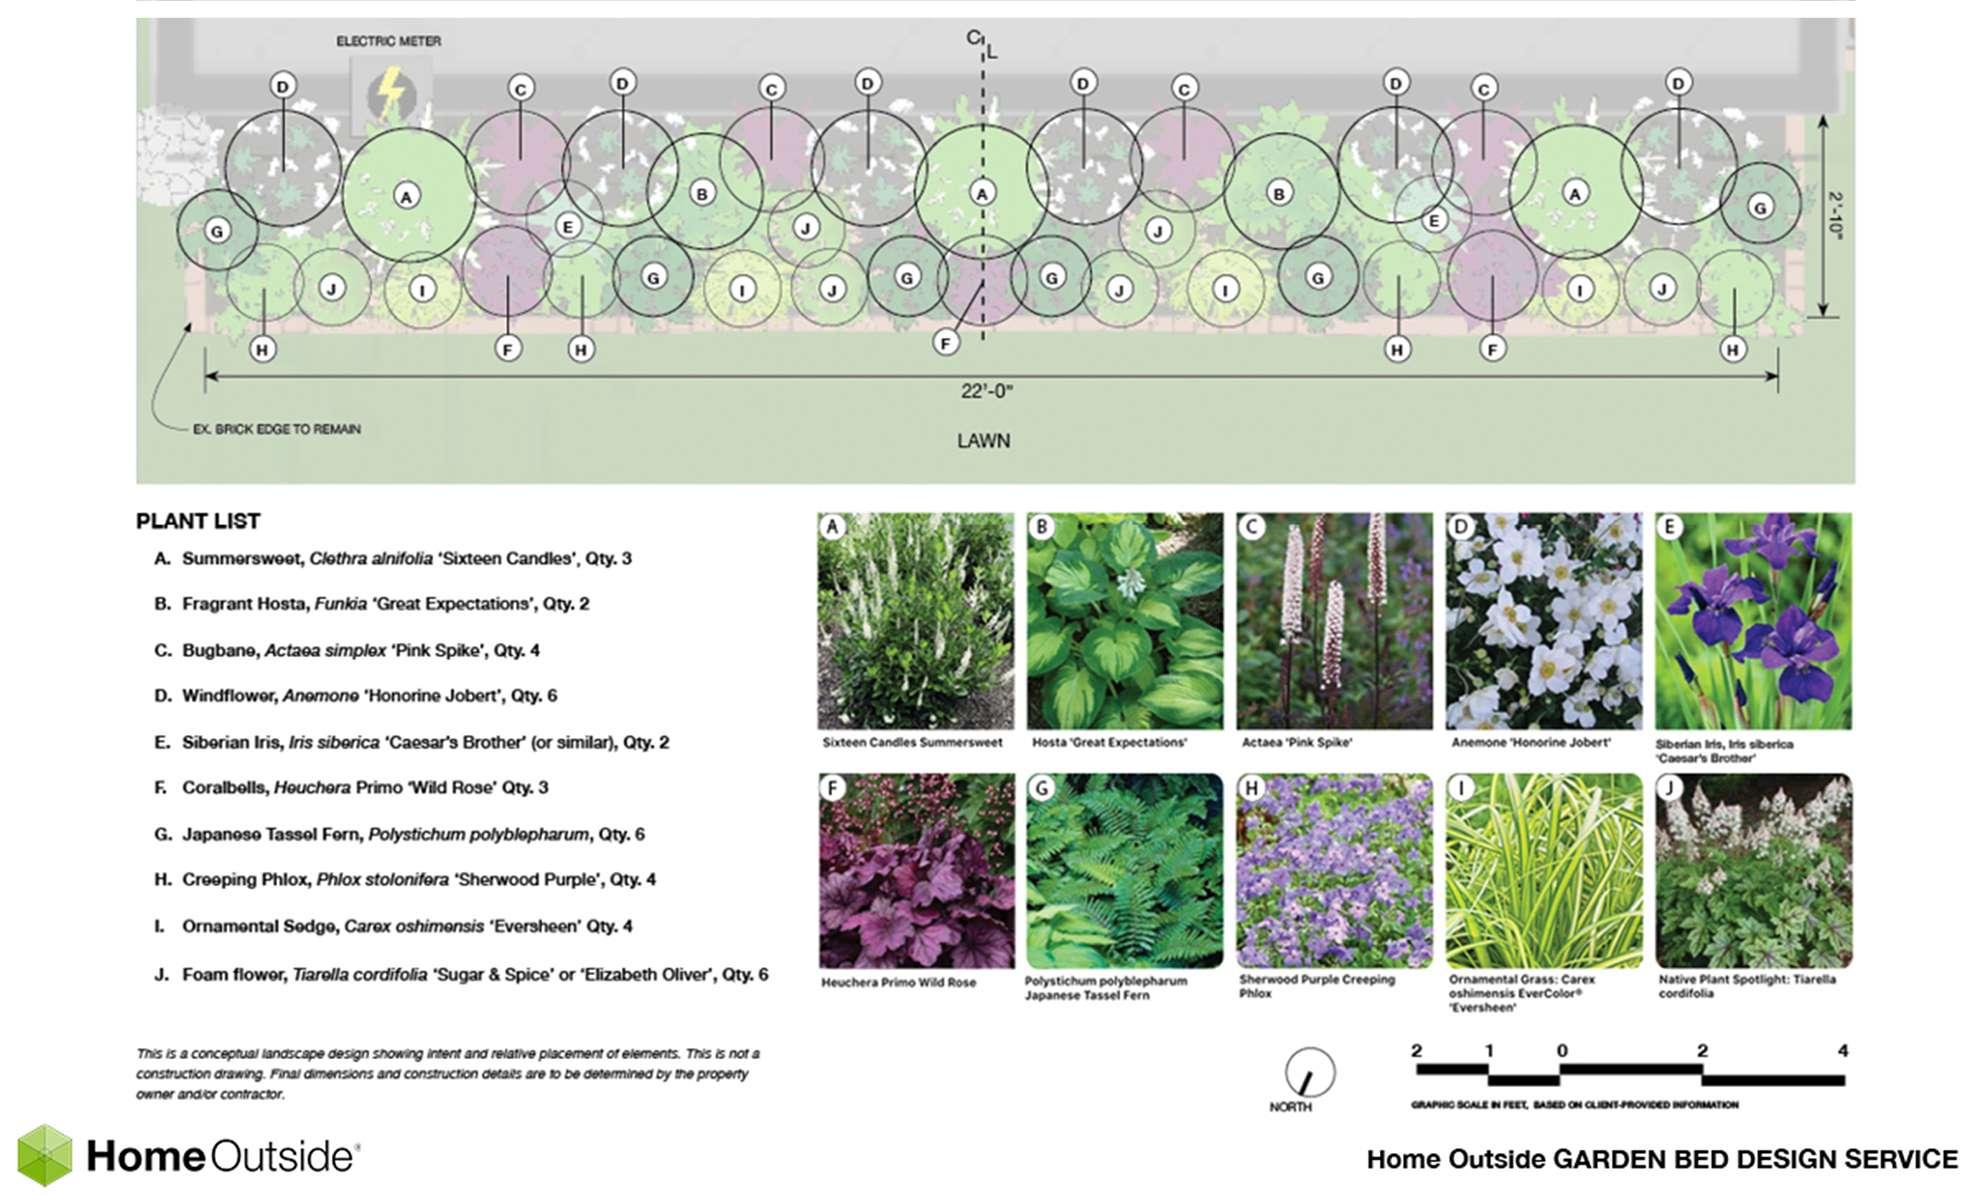 Home-Outside-Plants-Custom-GARDEN-BED-DESIGN